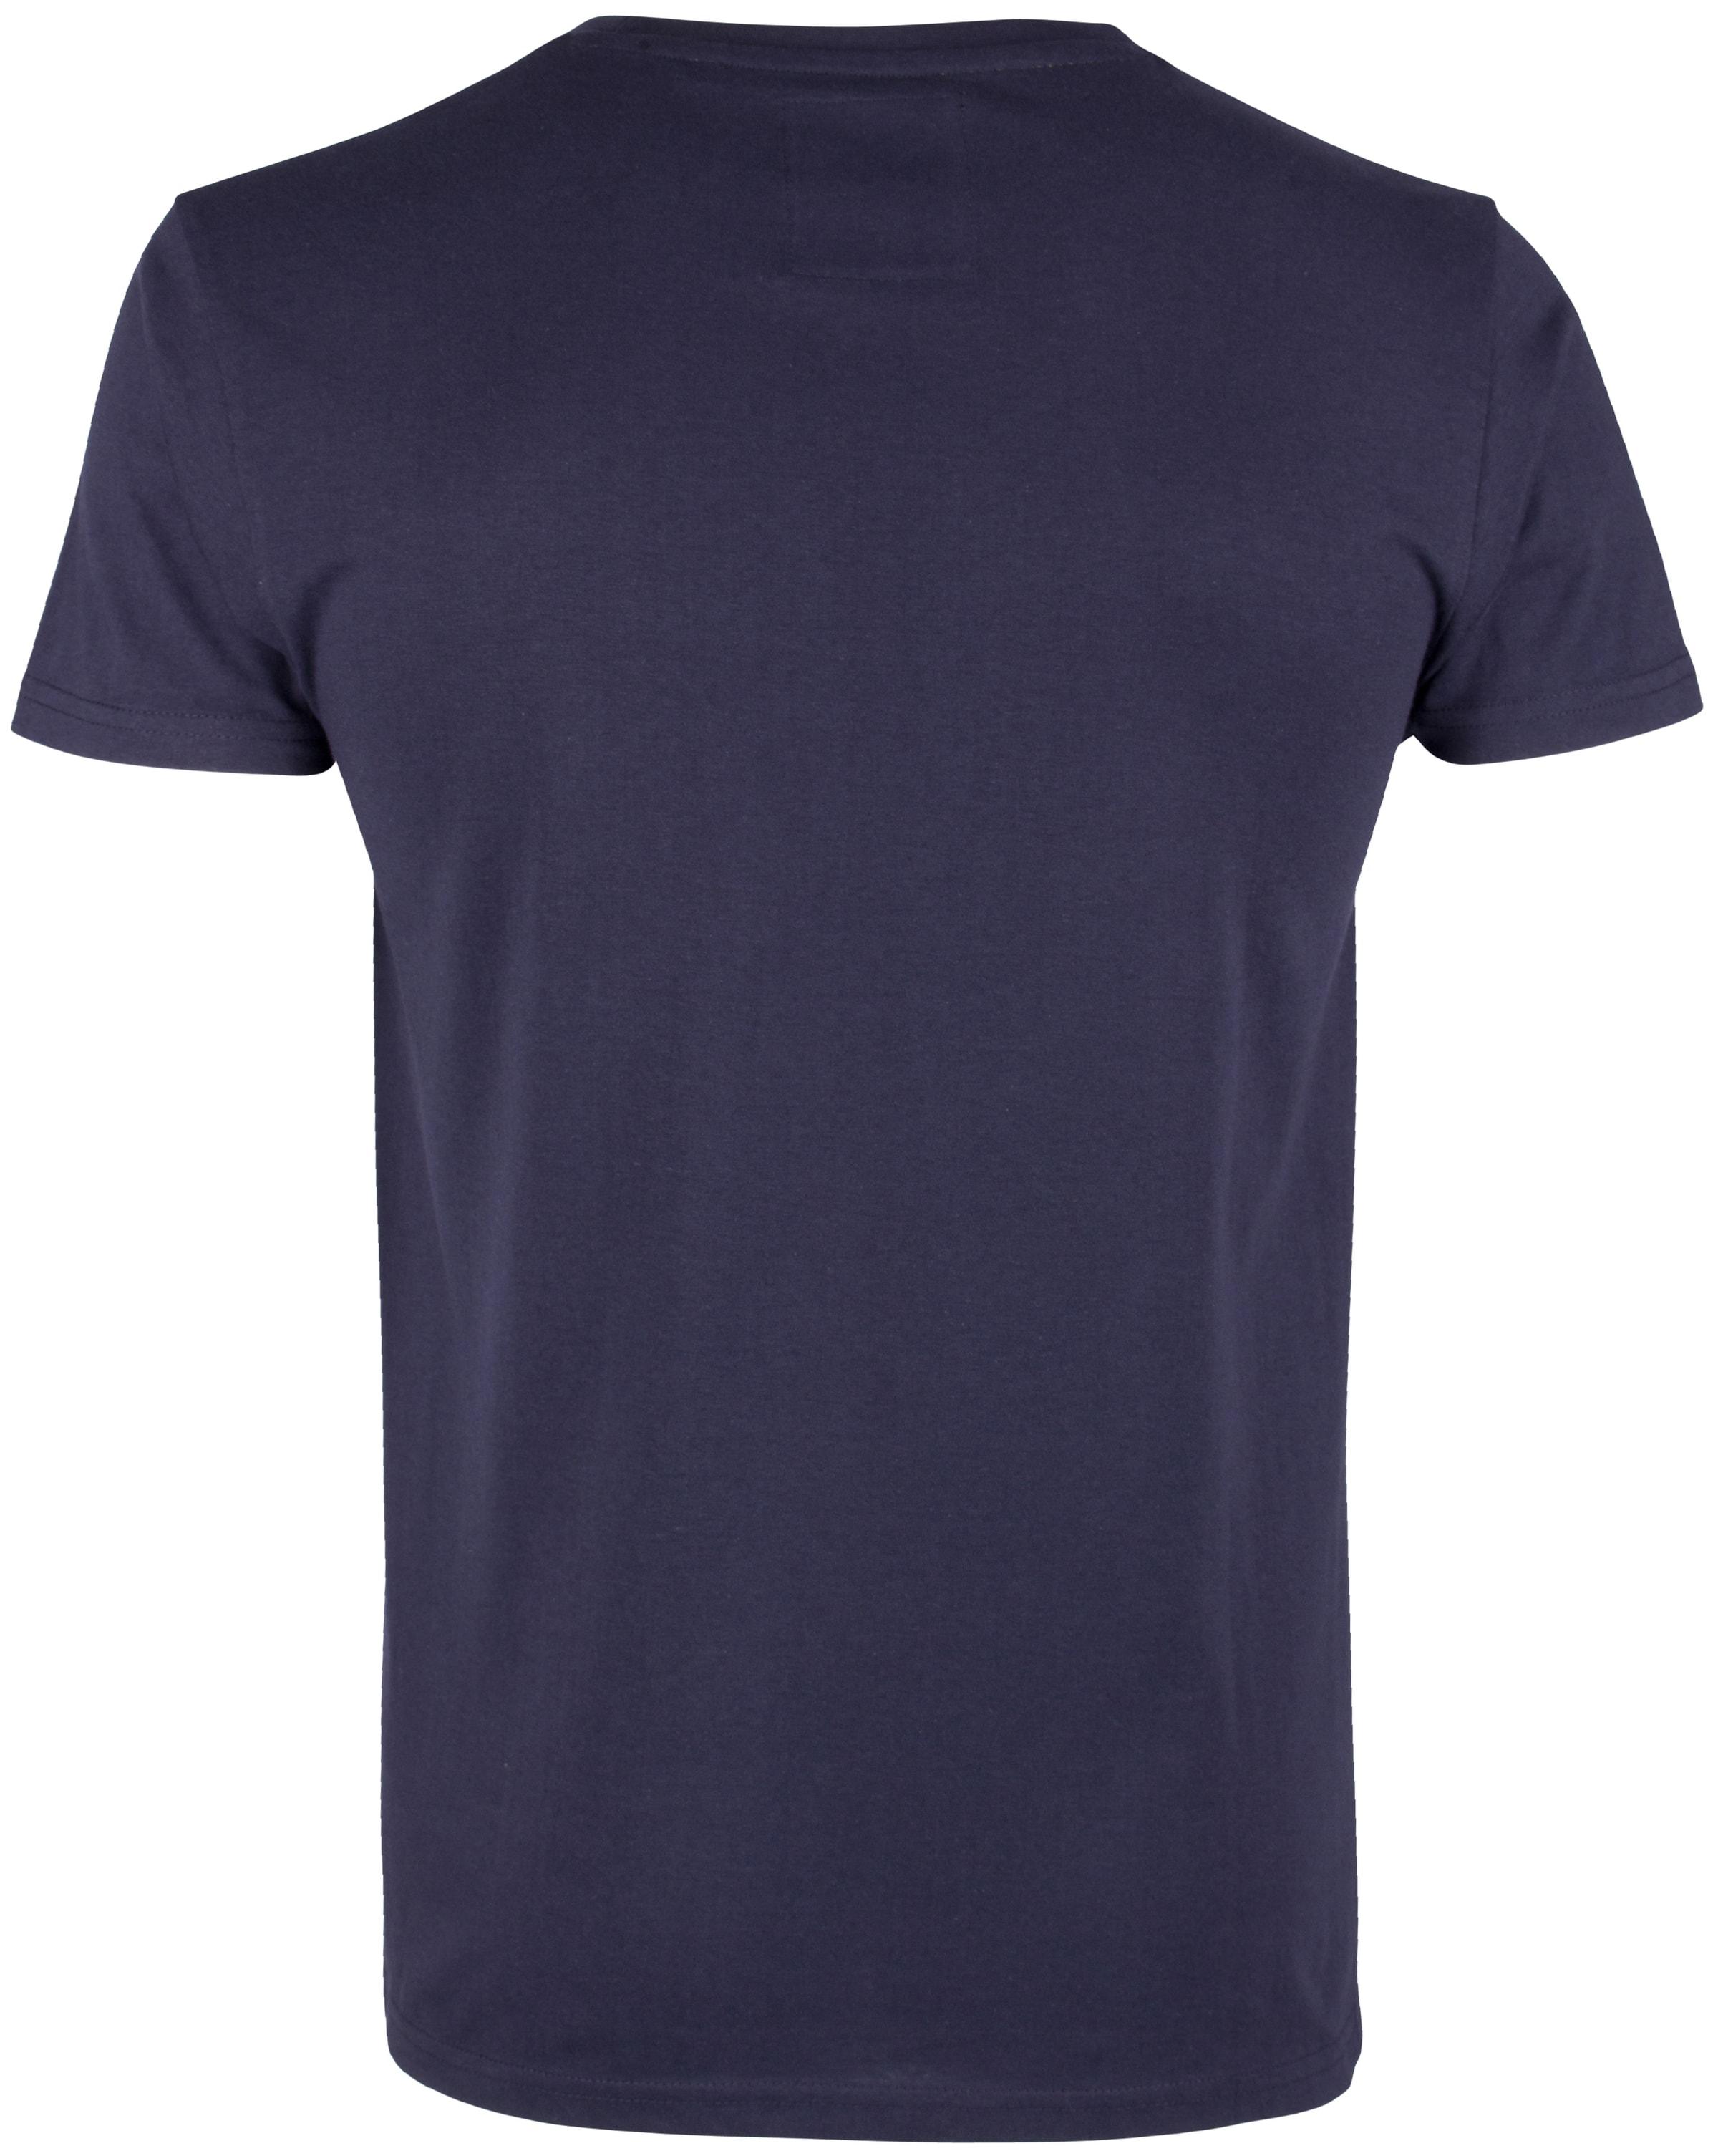 Pick Ein Besten Zum Verkauf Verkauf Neueste SOULSTAR Soulstar T-Shirt Verbilligte Verkauf Nicekicks Das Beste Geschäft Zu Bekommen Av5i9Y